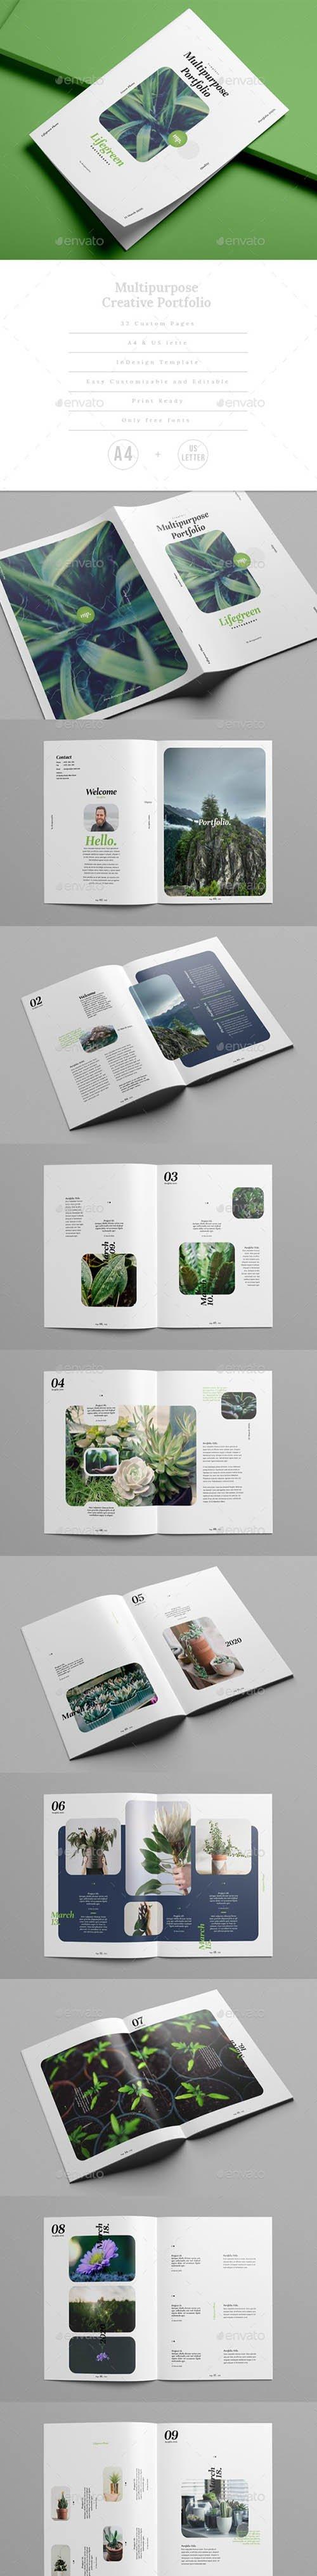 Multipurpose Creative Portfolio / Magazine 25407412